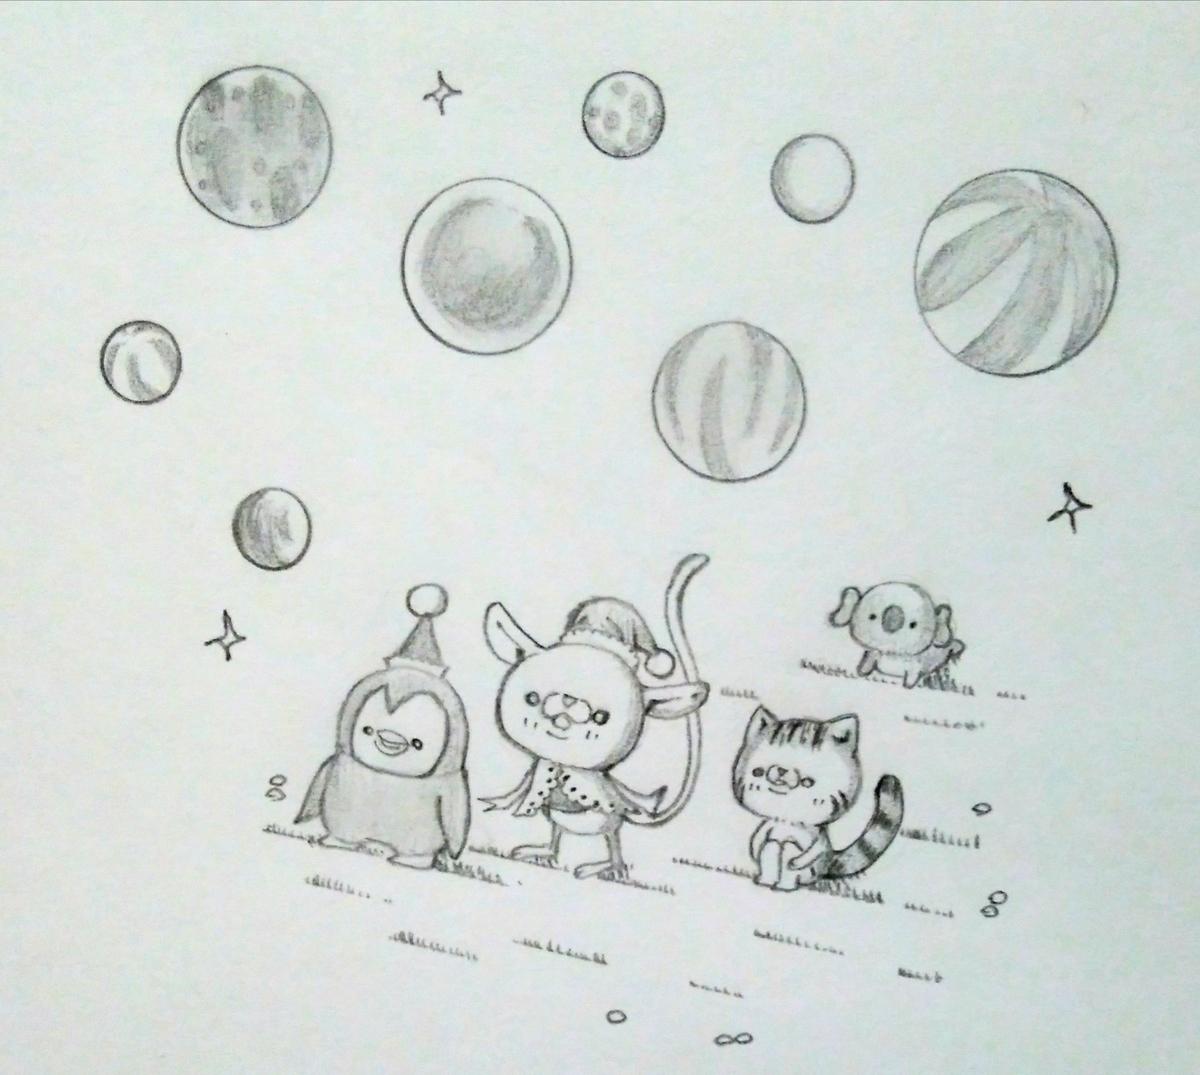 f:id:maricats:20201010194857j:plain